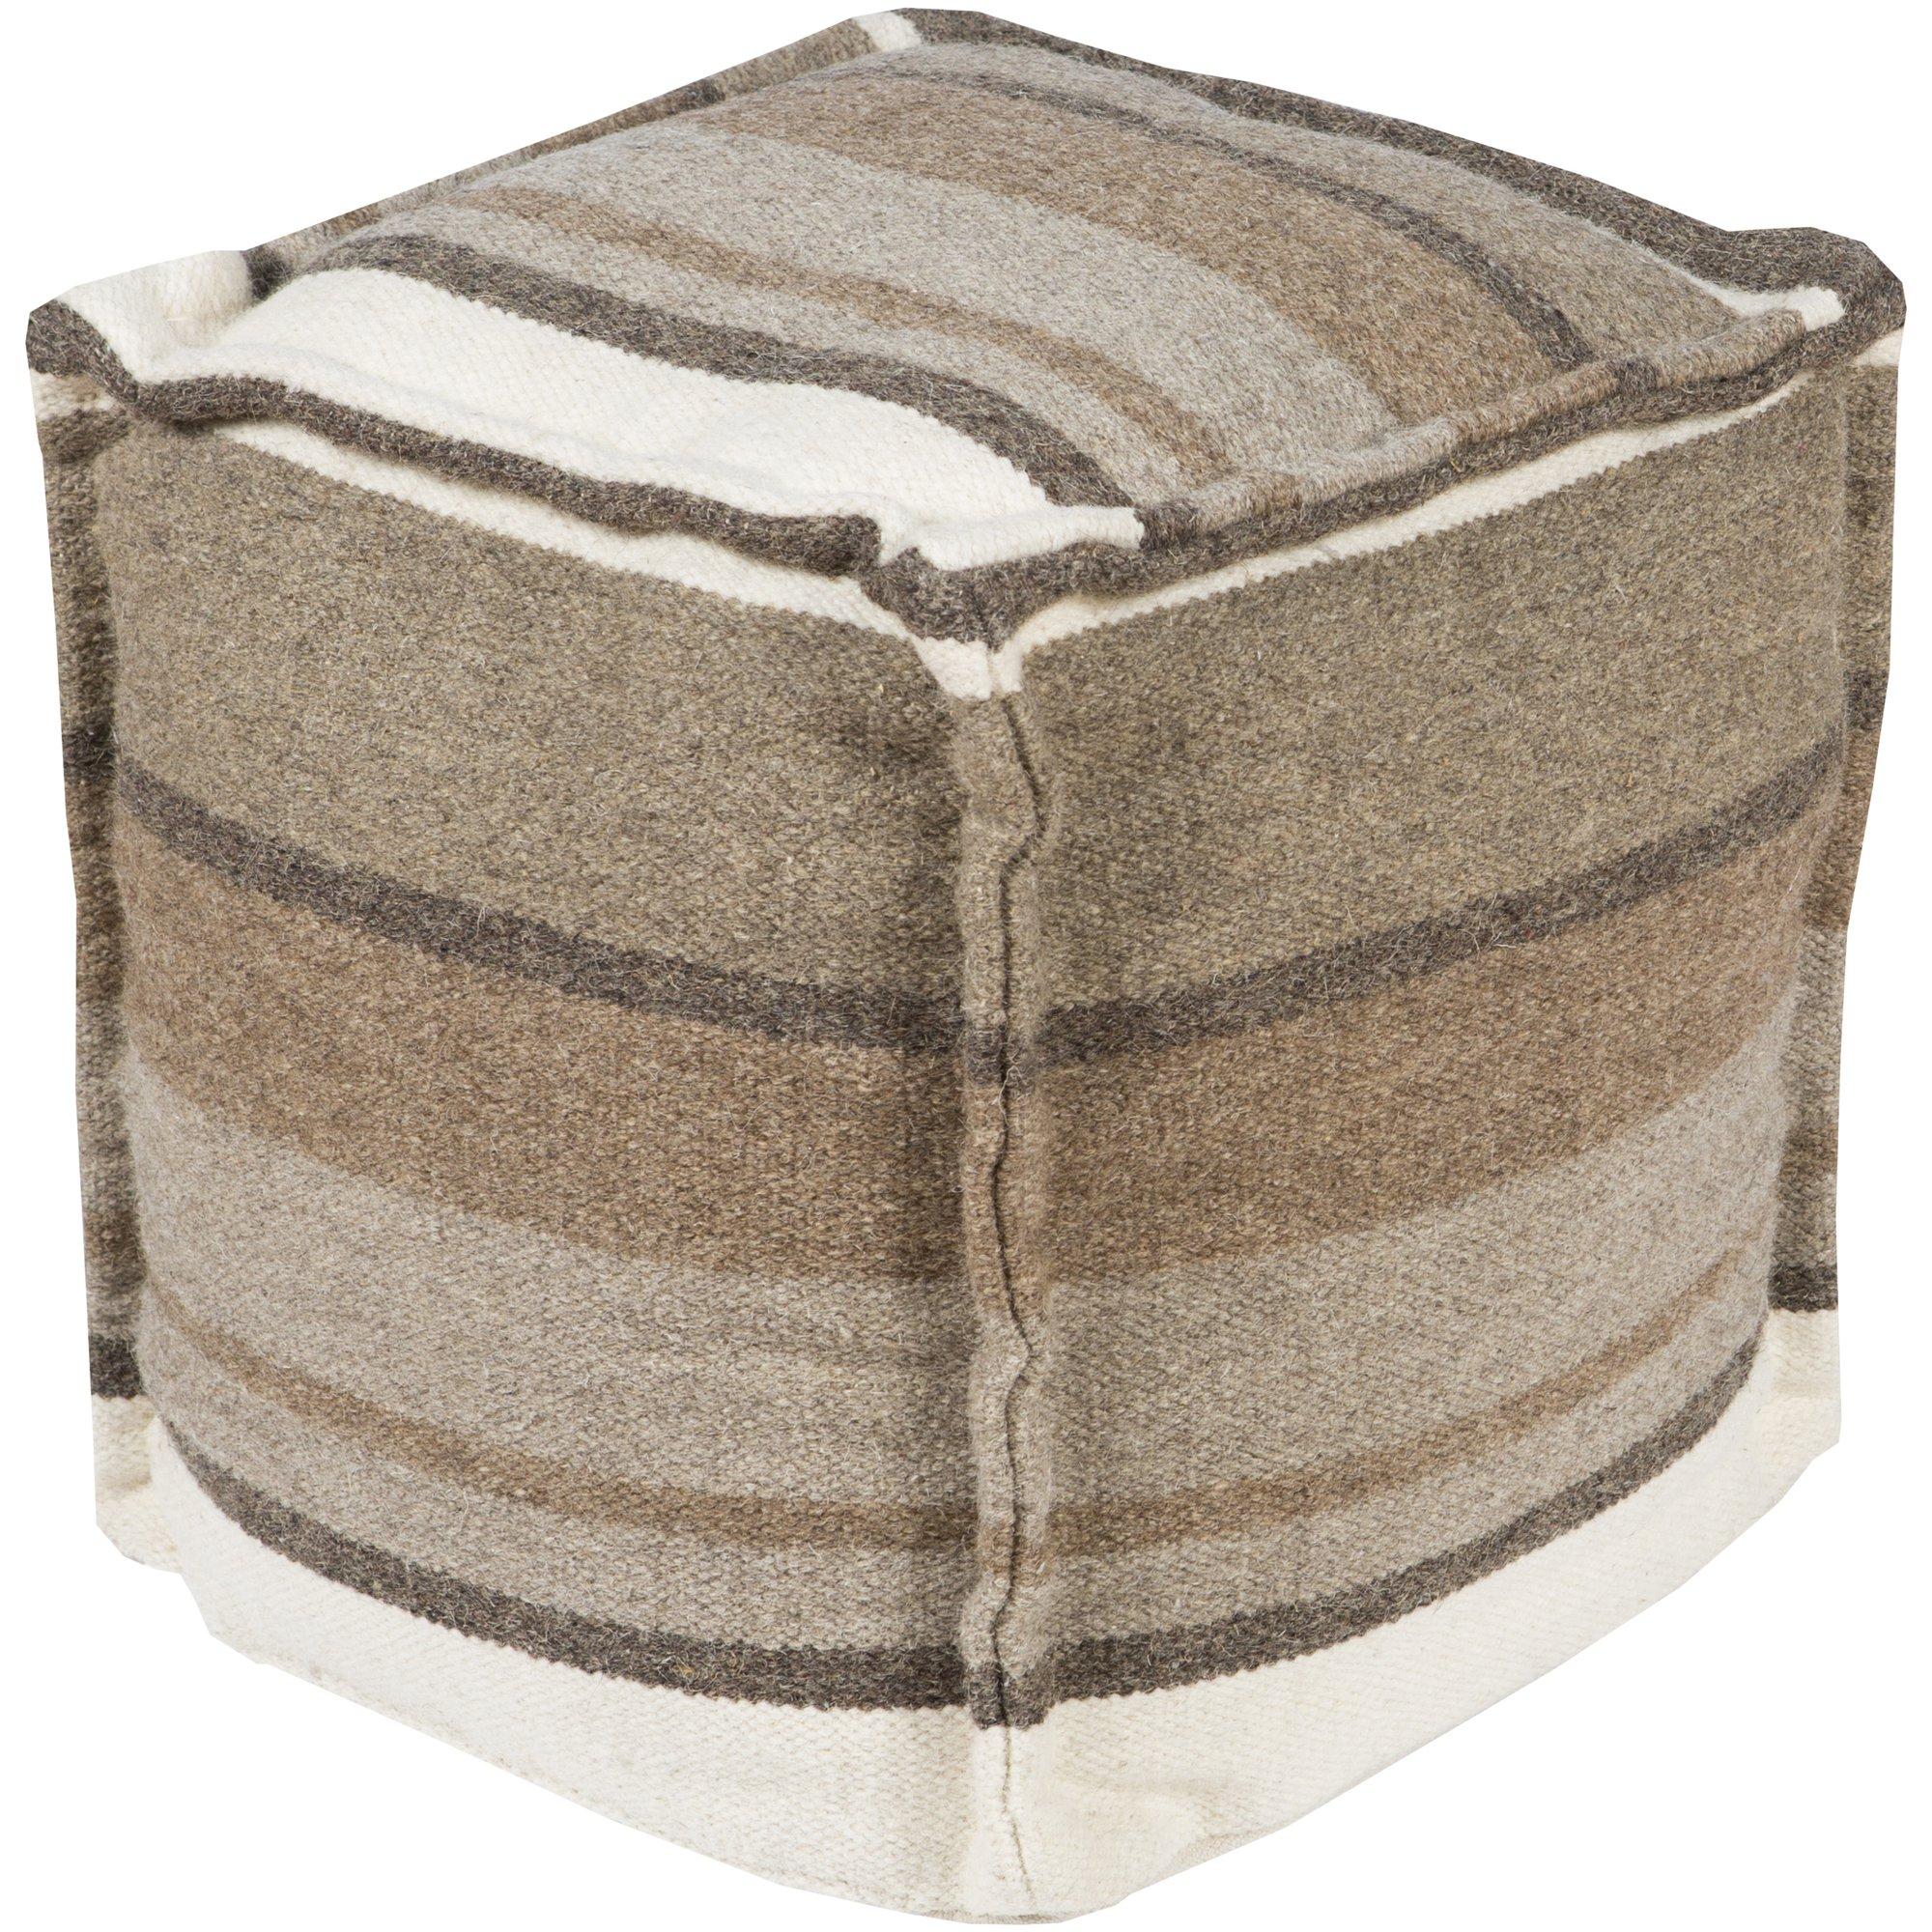 Surya POUF-99 Hand Made 100% Wool Mossy Gold 18'' x 18'' x 18'' Pouf